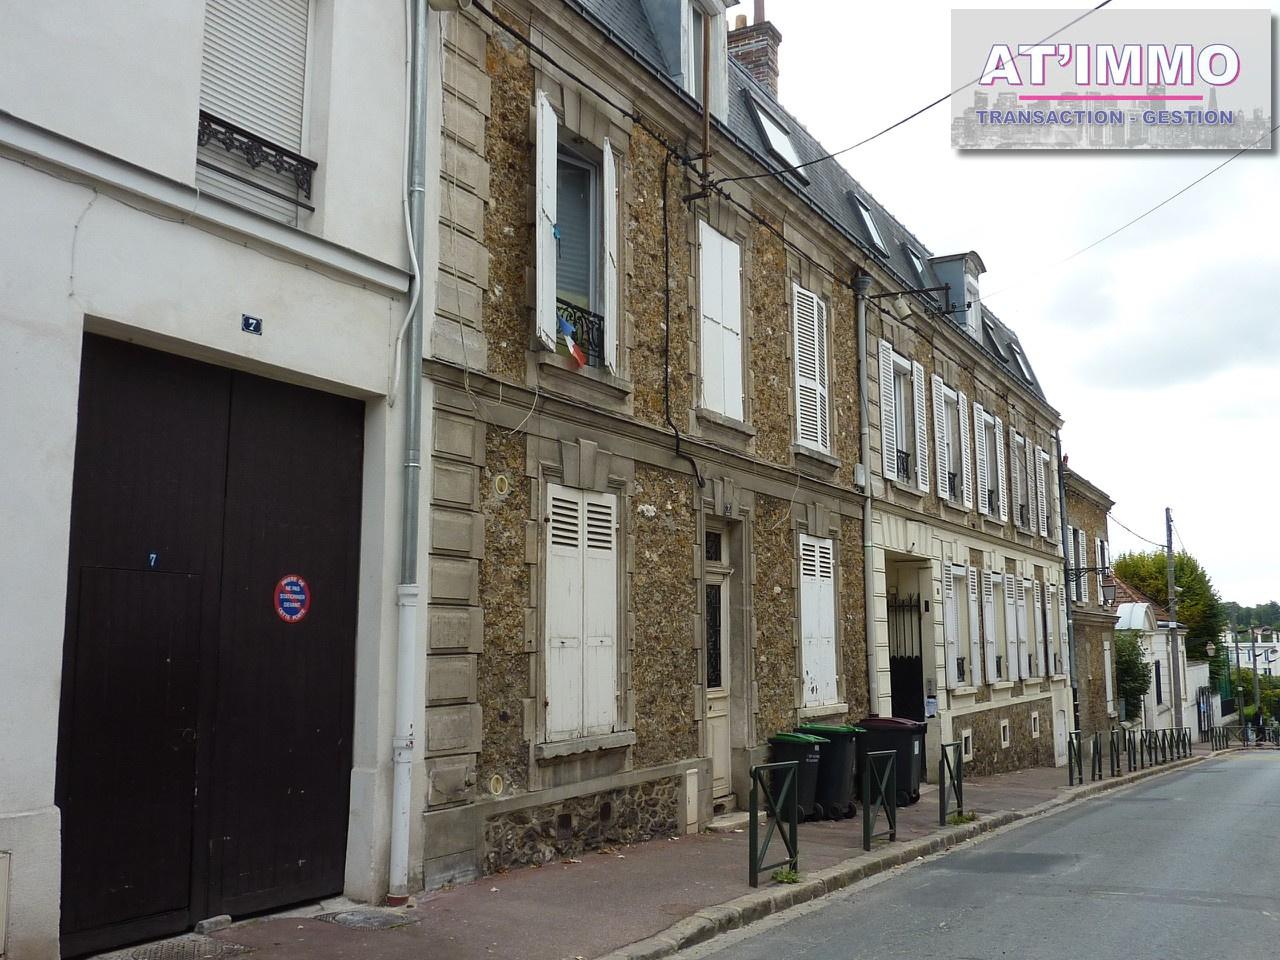 Vente studio 22 m en plein centre ville de boissy saint l ger for Code postal boissy saint leger